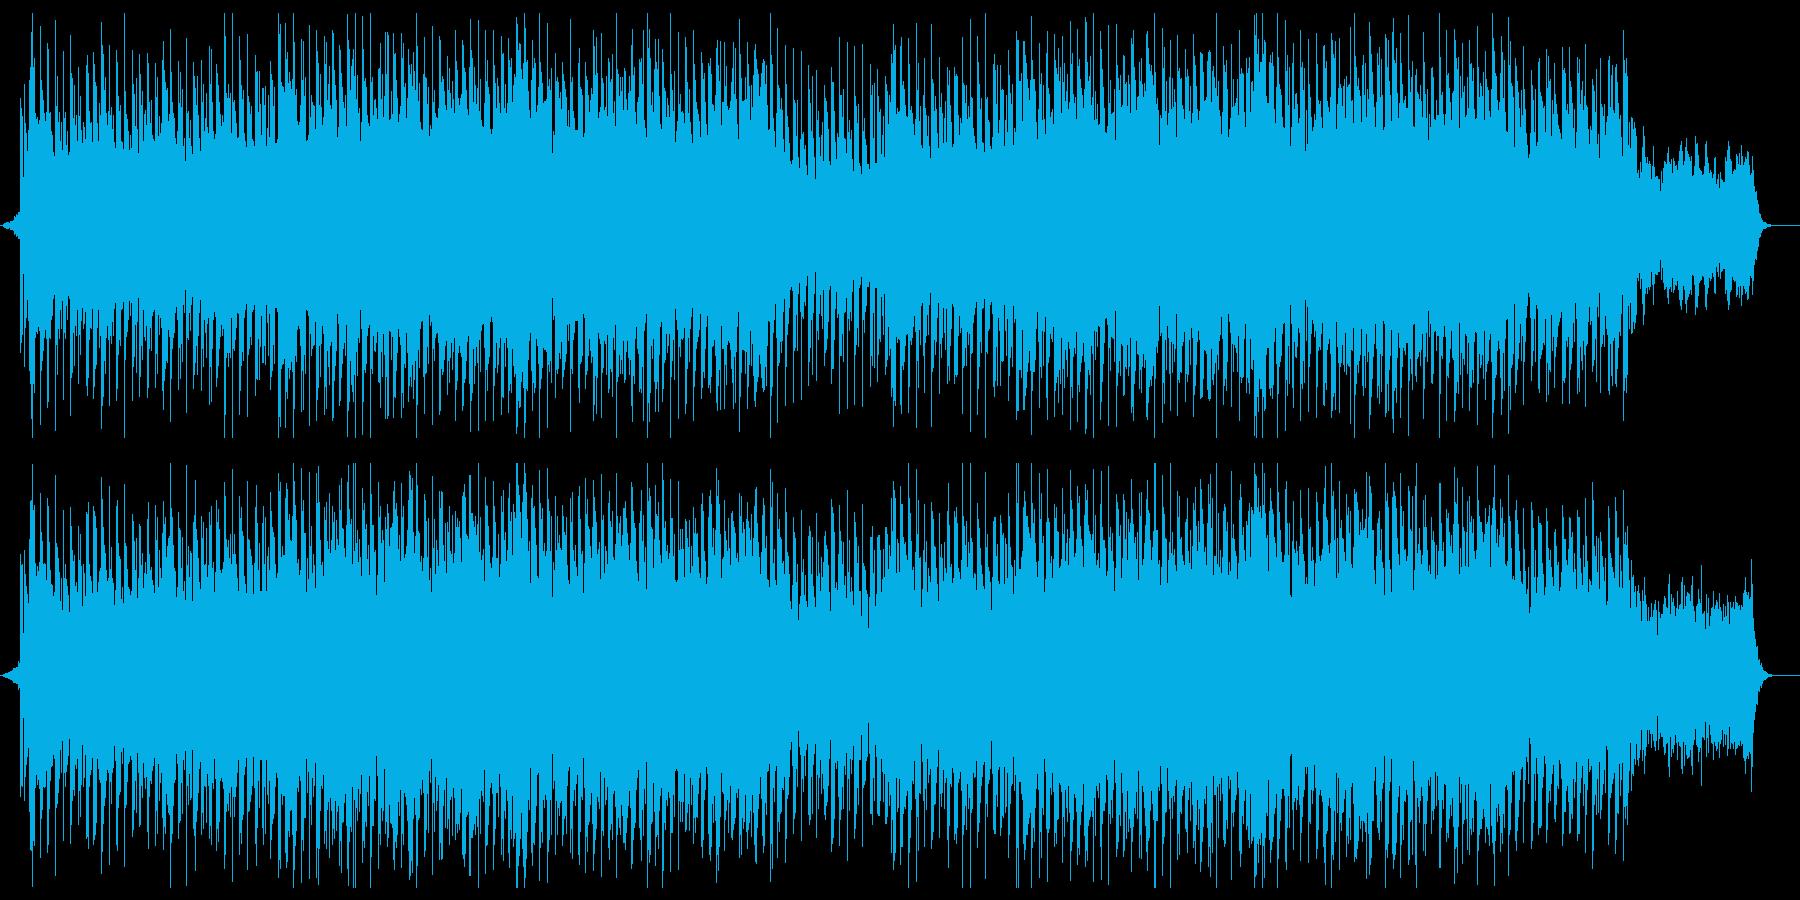 爽やかでワクワク感のあるシンセサウンドの再生済みの波形